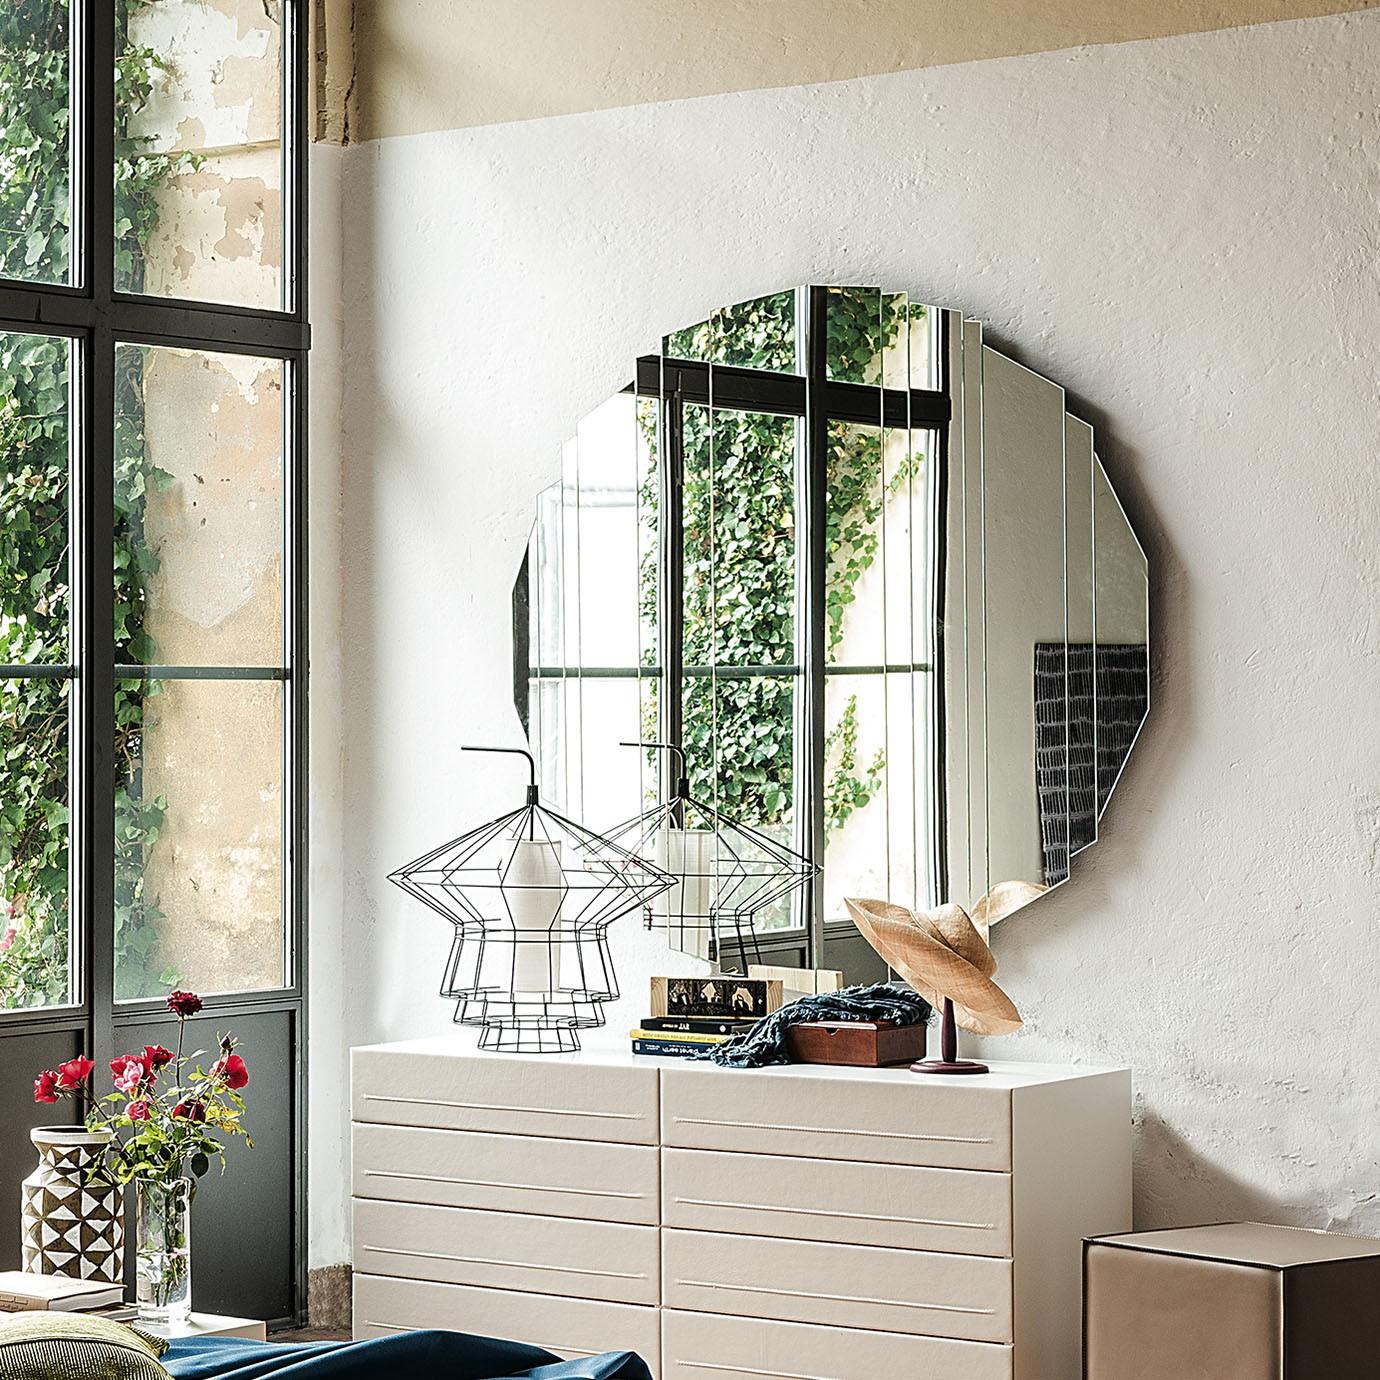 Specchio stripes di cattelan design paolo cattelan - Specchio da camera ...